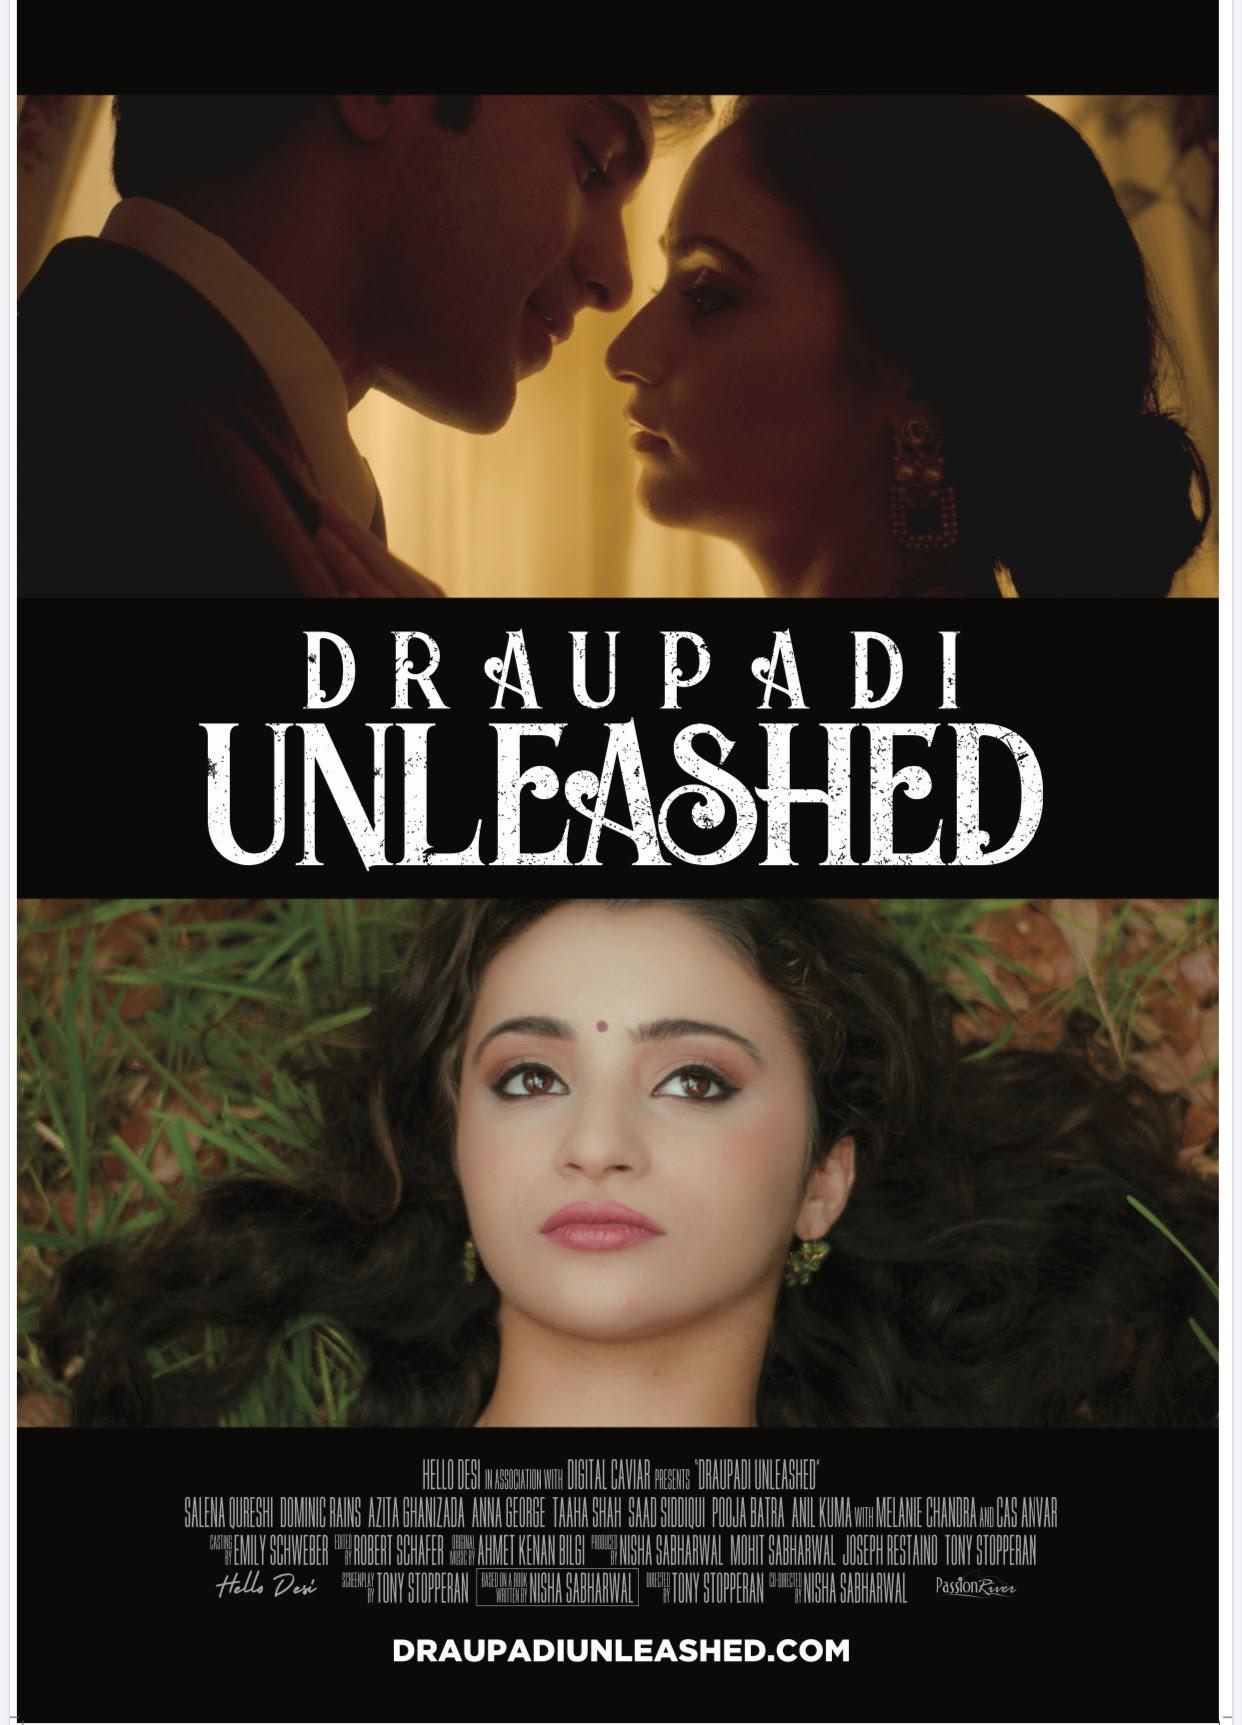 DRAUPADI Unleashed